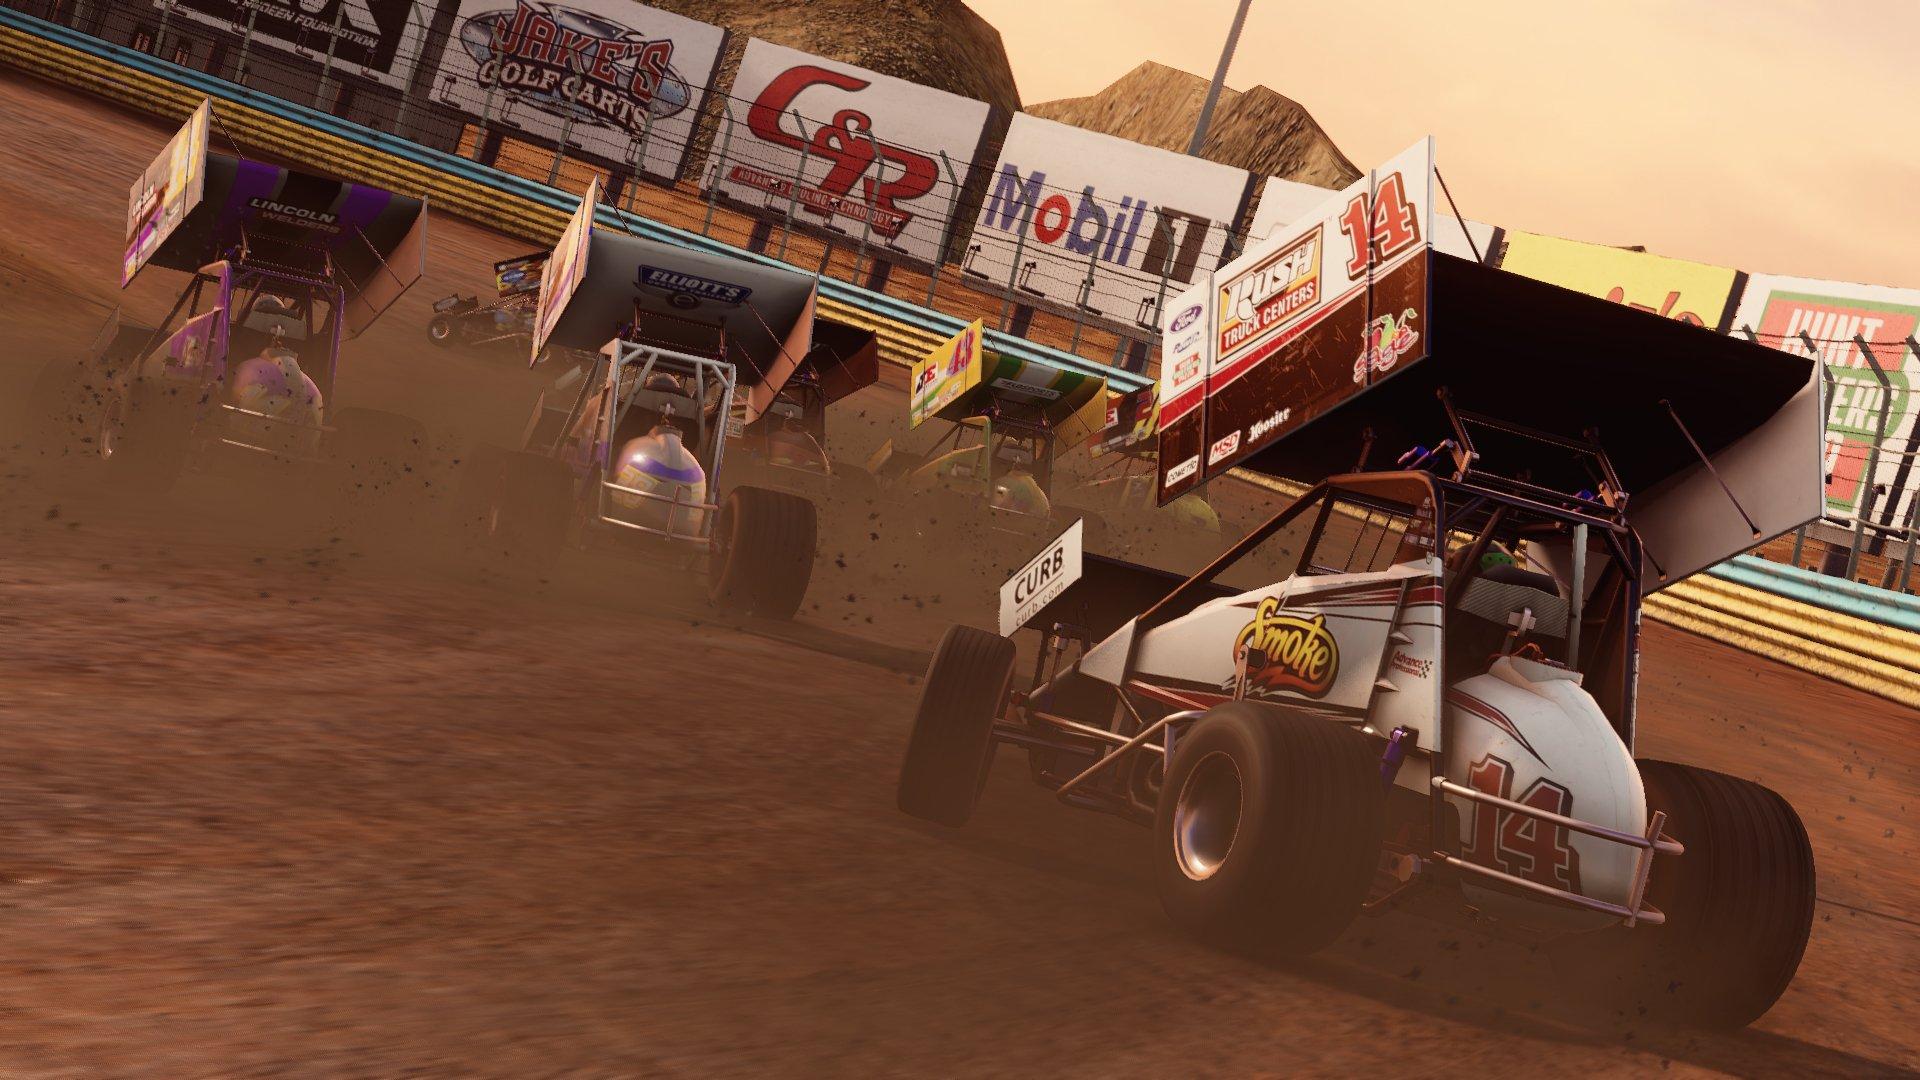 Sprint Car Racing Video Game